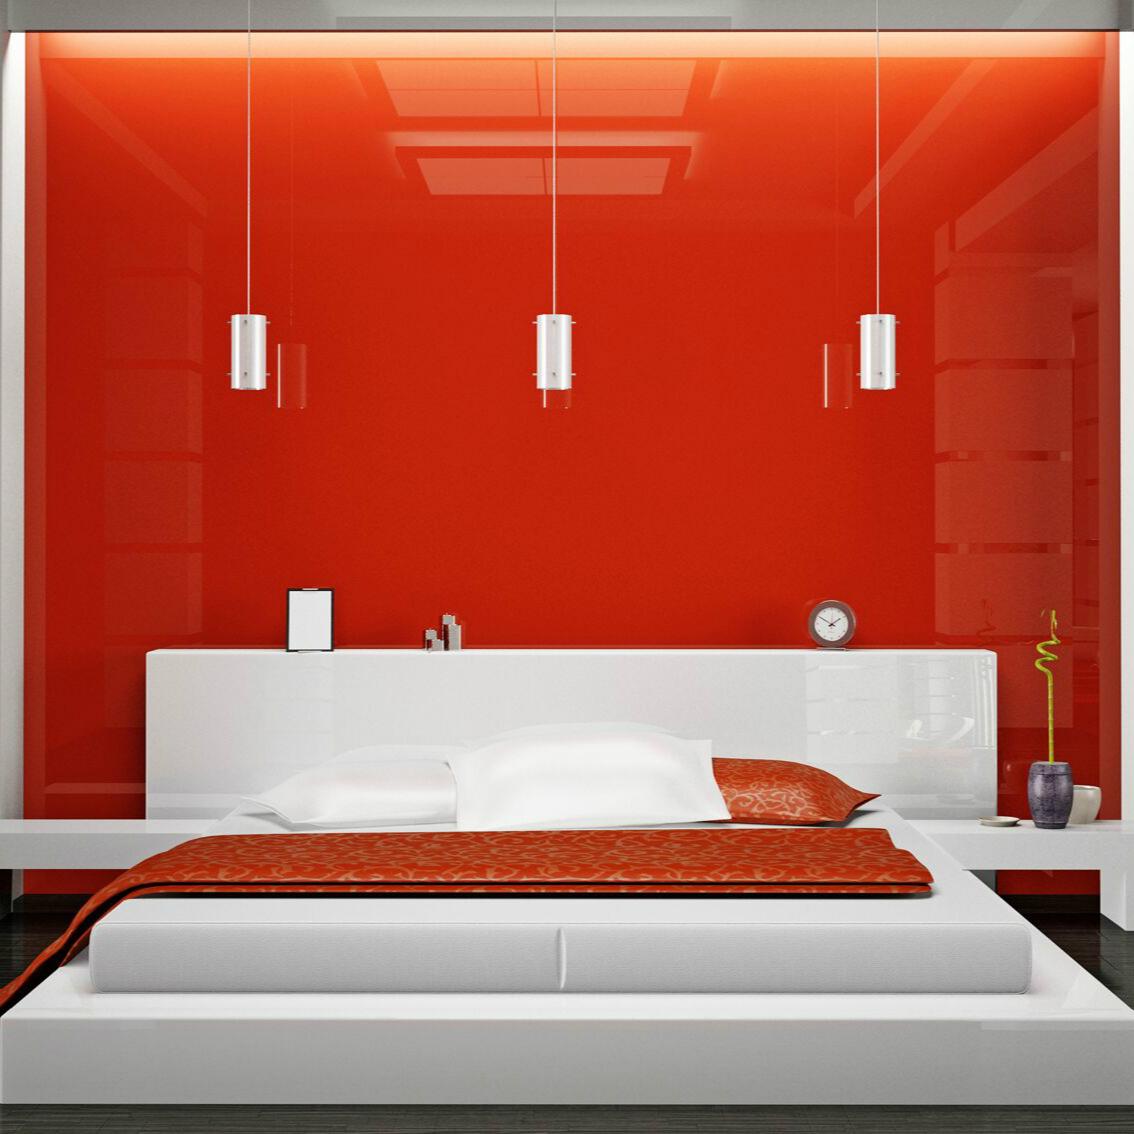 Alupanel is a dual-sided aluminium composite panel